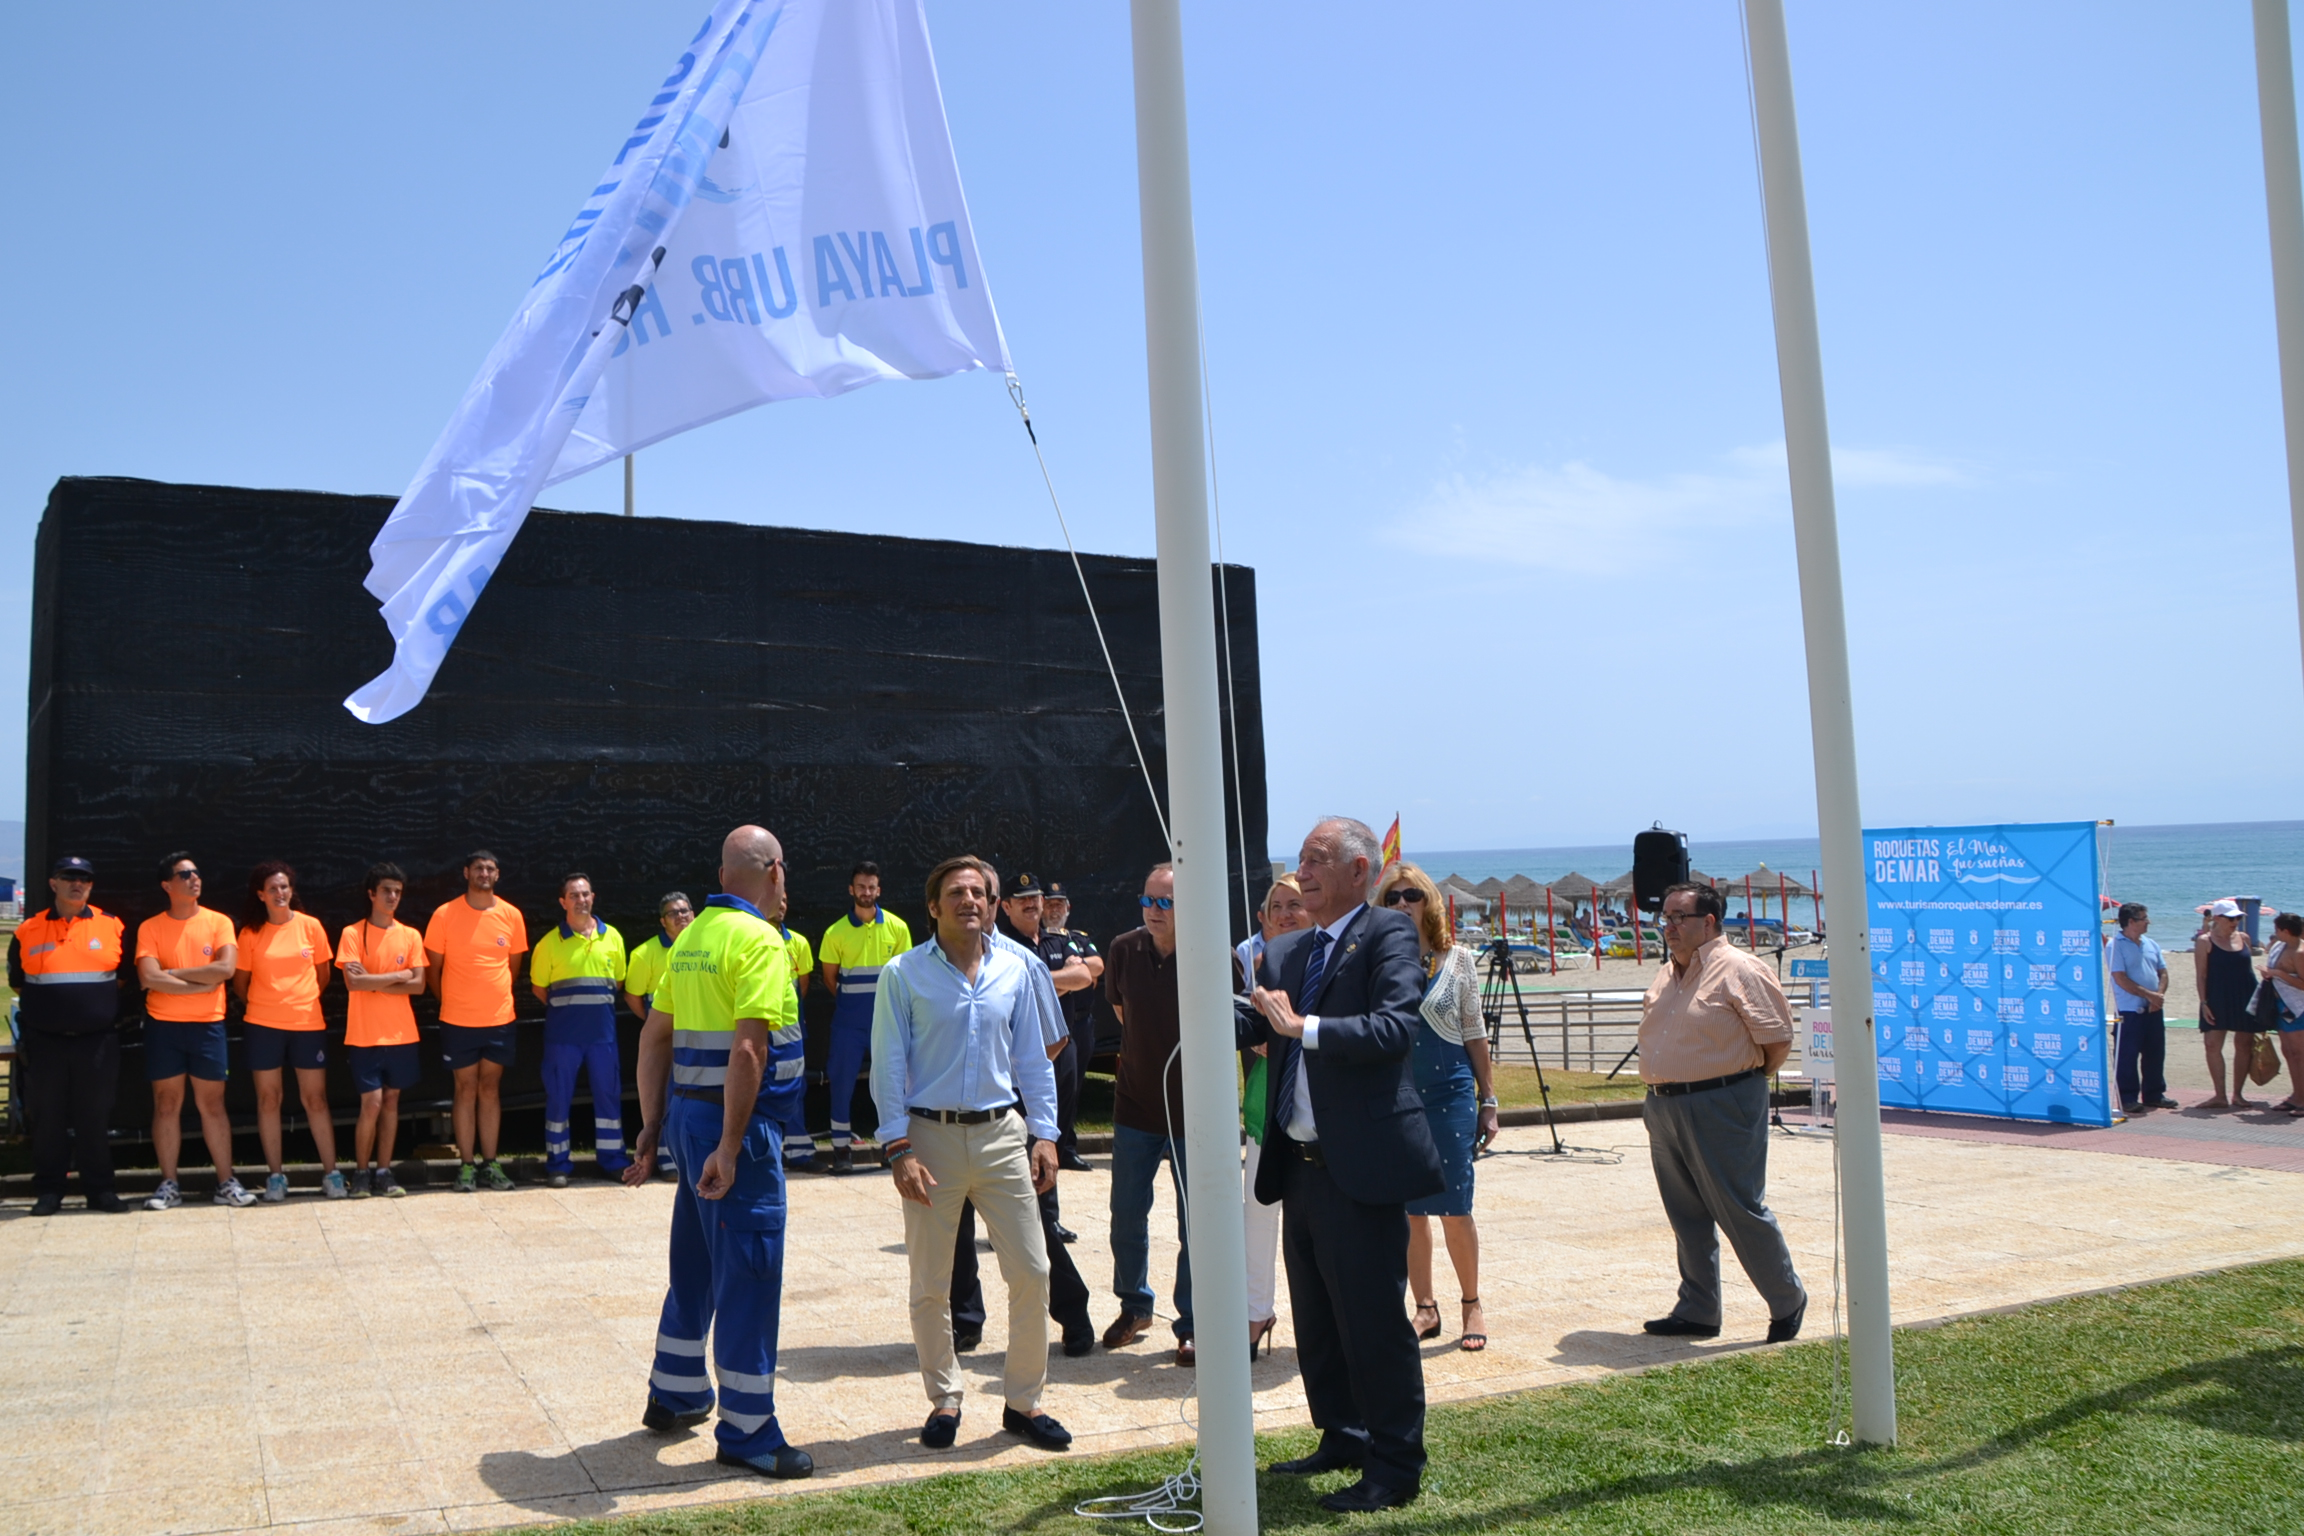 Las playas de Roquetas lucen 28 distinciones, dos más que en 2016, que demuestran la calidad de su gestión